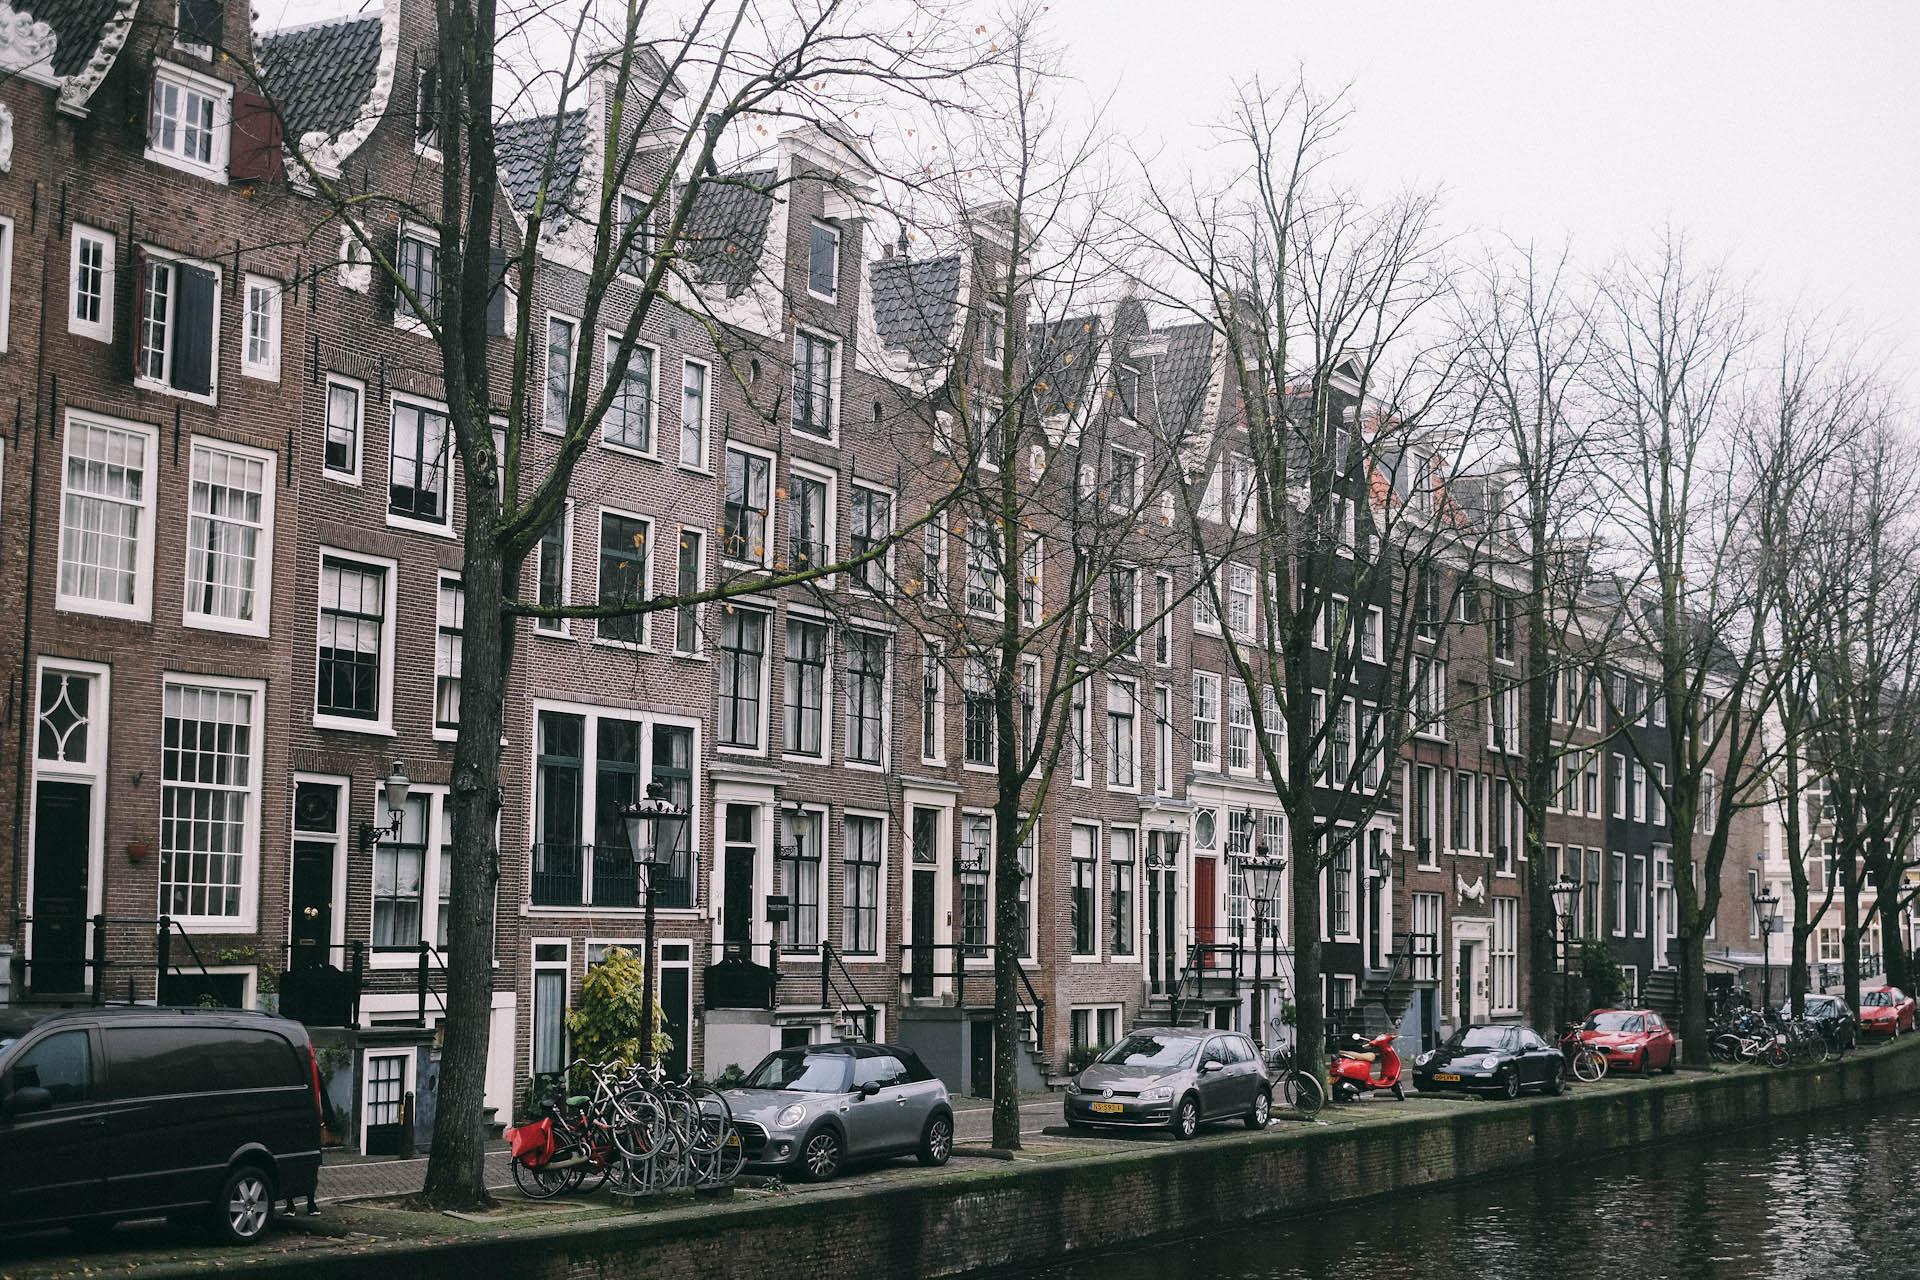 Amsterdam, December 2nd 2017